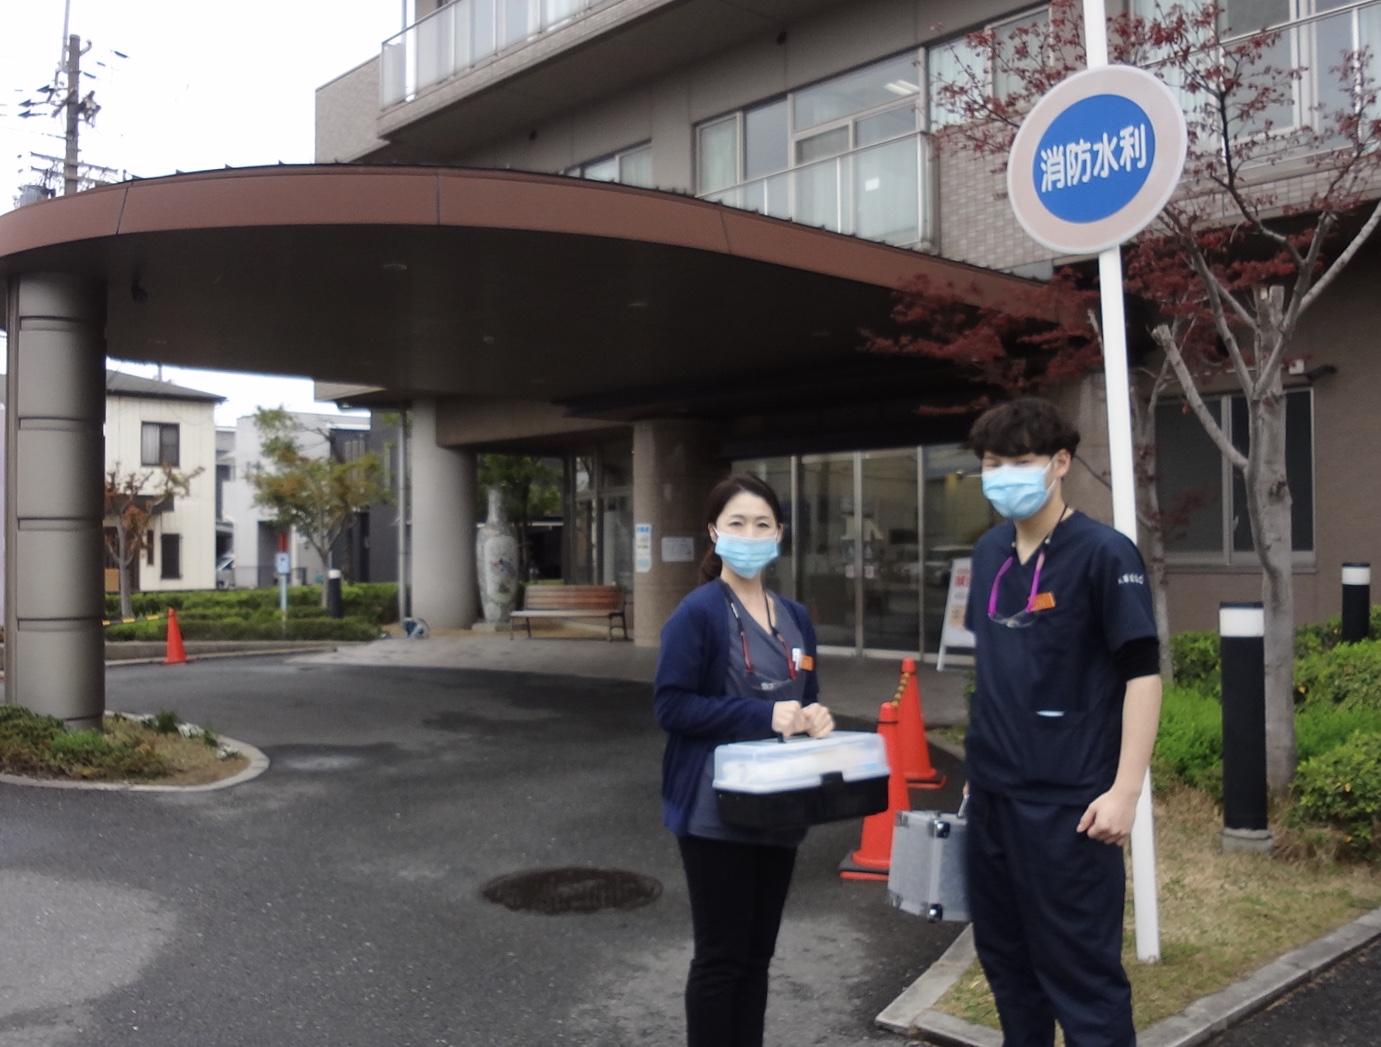 八尾に訪問歯科診療に行って来ました*鴻池新田の歯医者 安部歯科医院のブログ